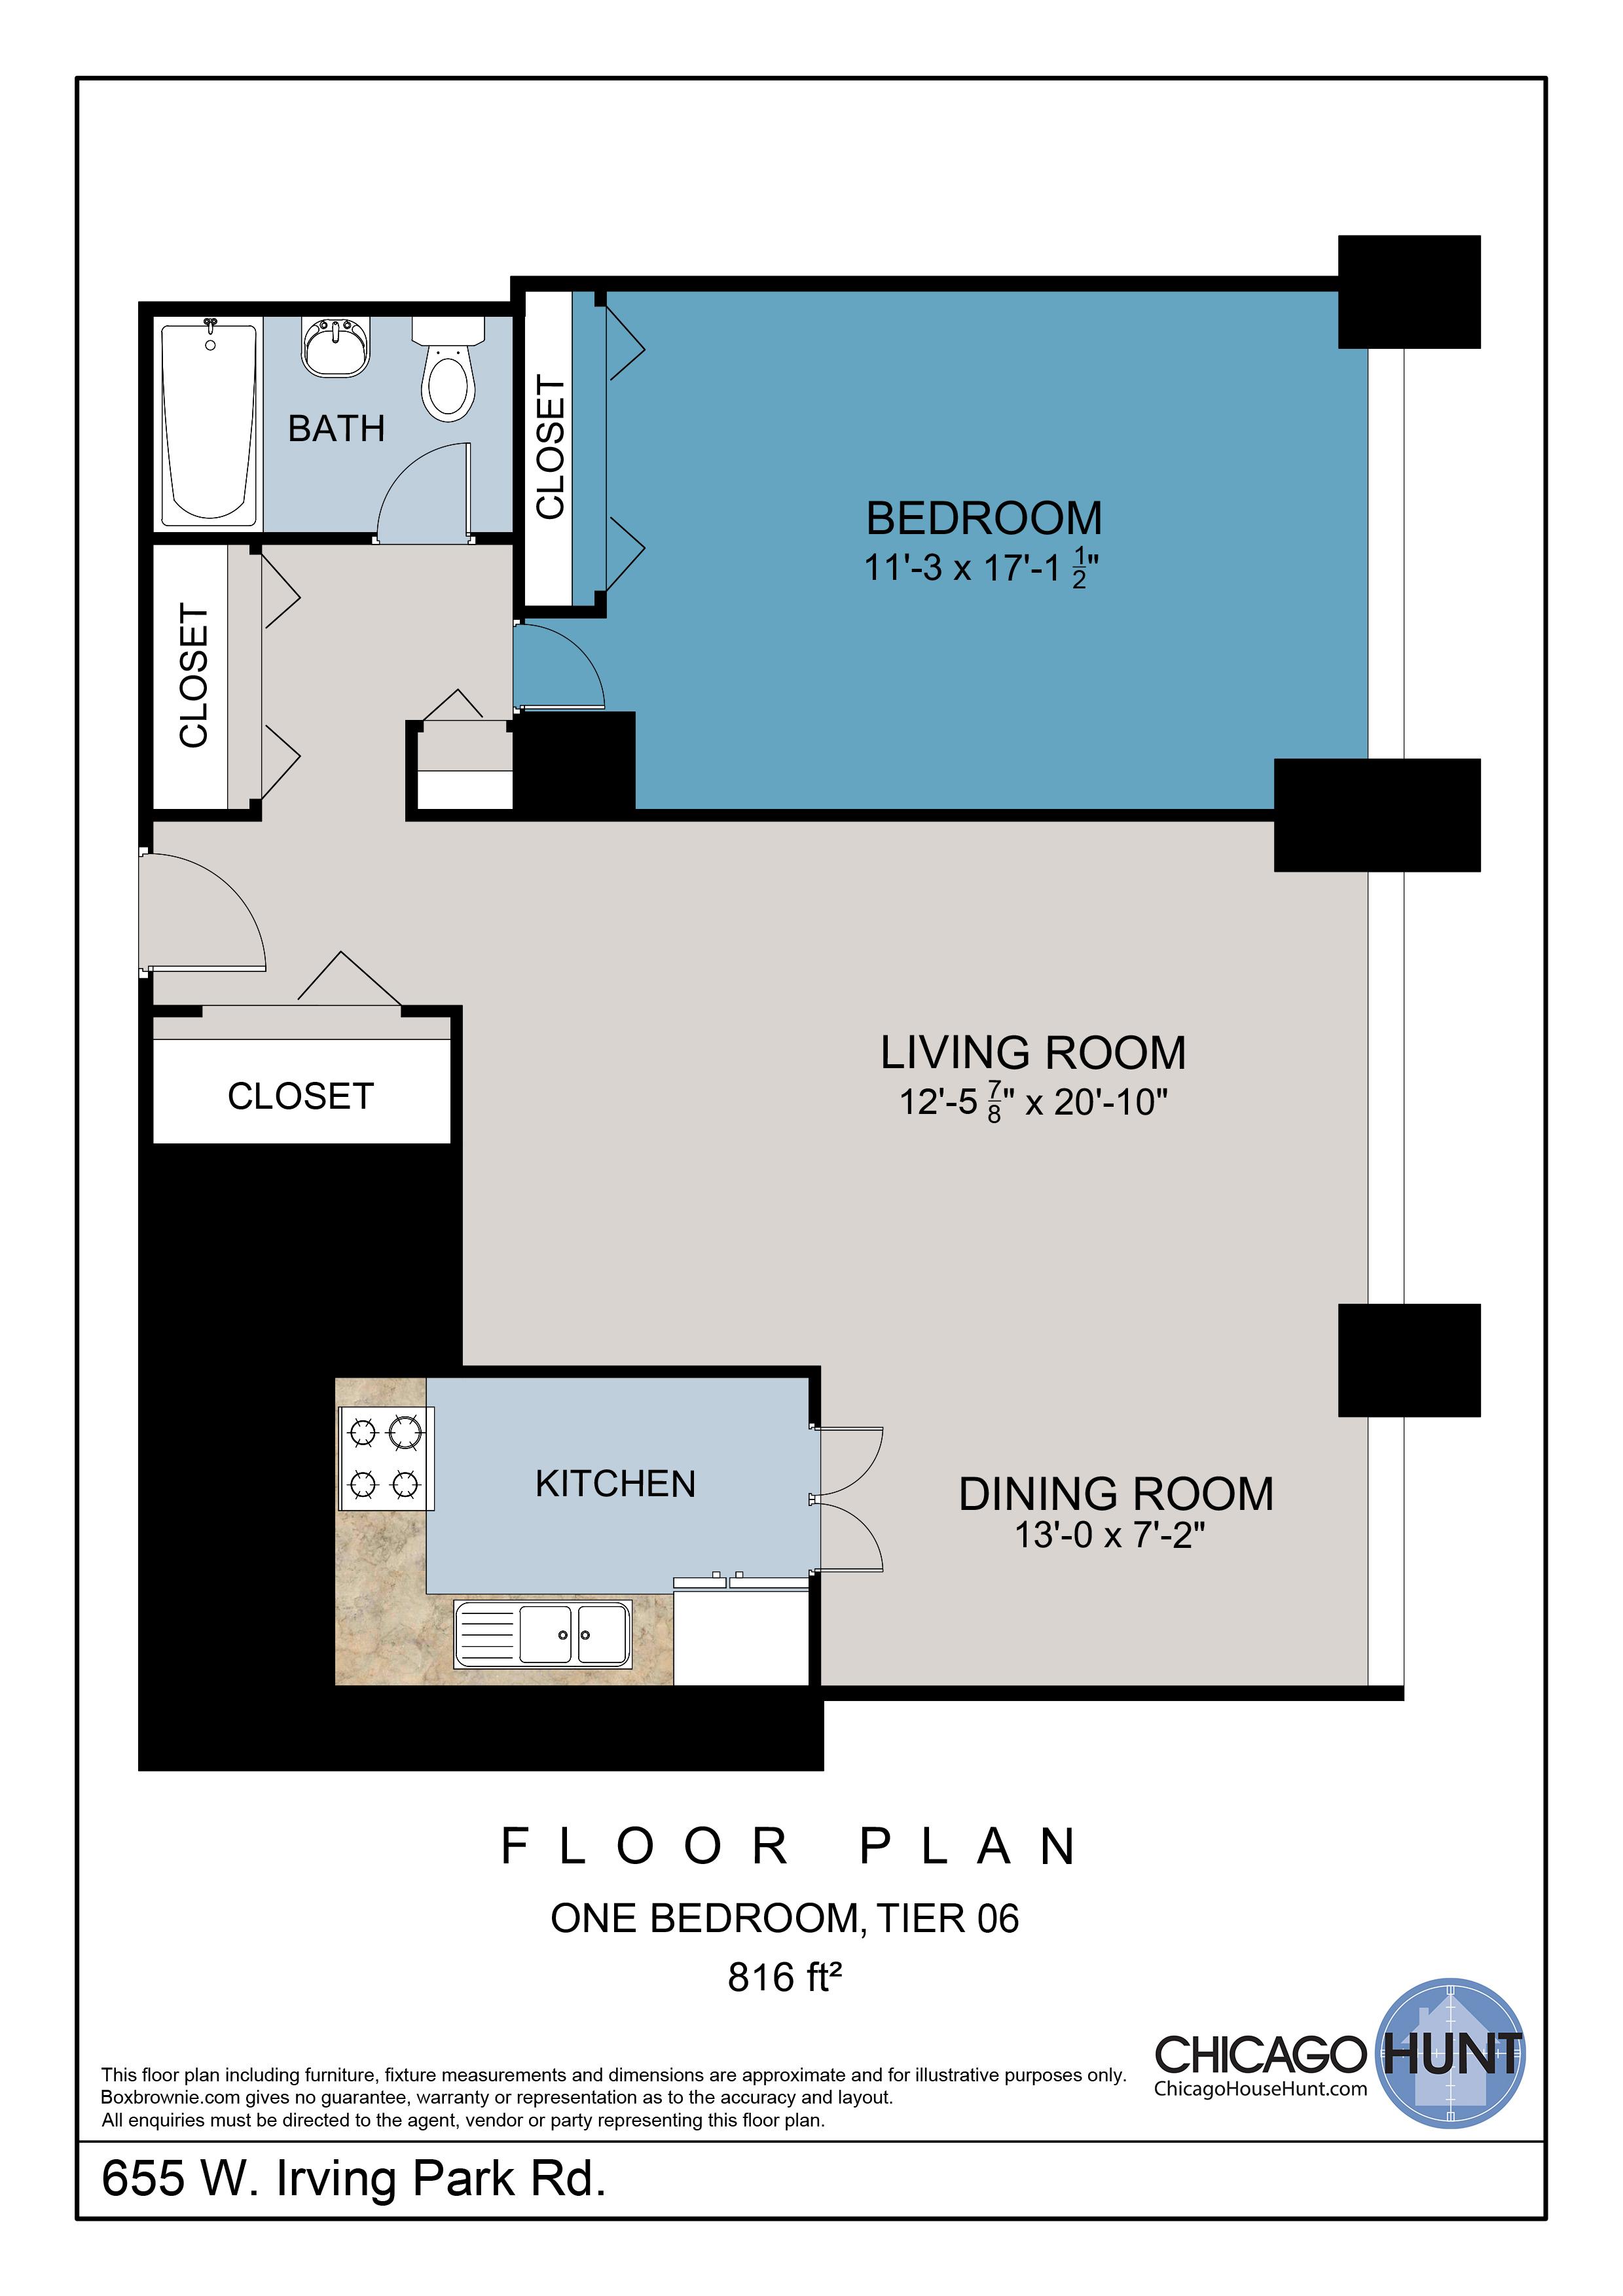 655 Irving Park, Park Place Towere - Floor Plan - Tier 06